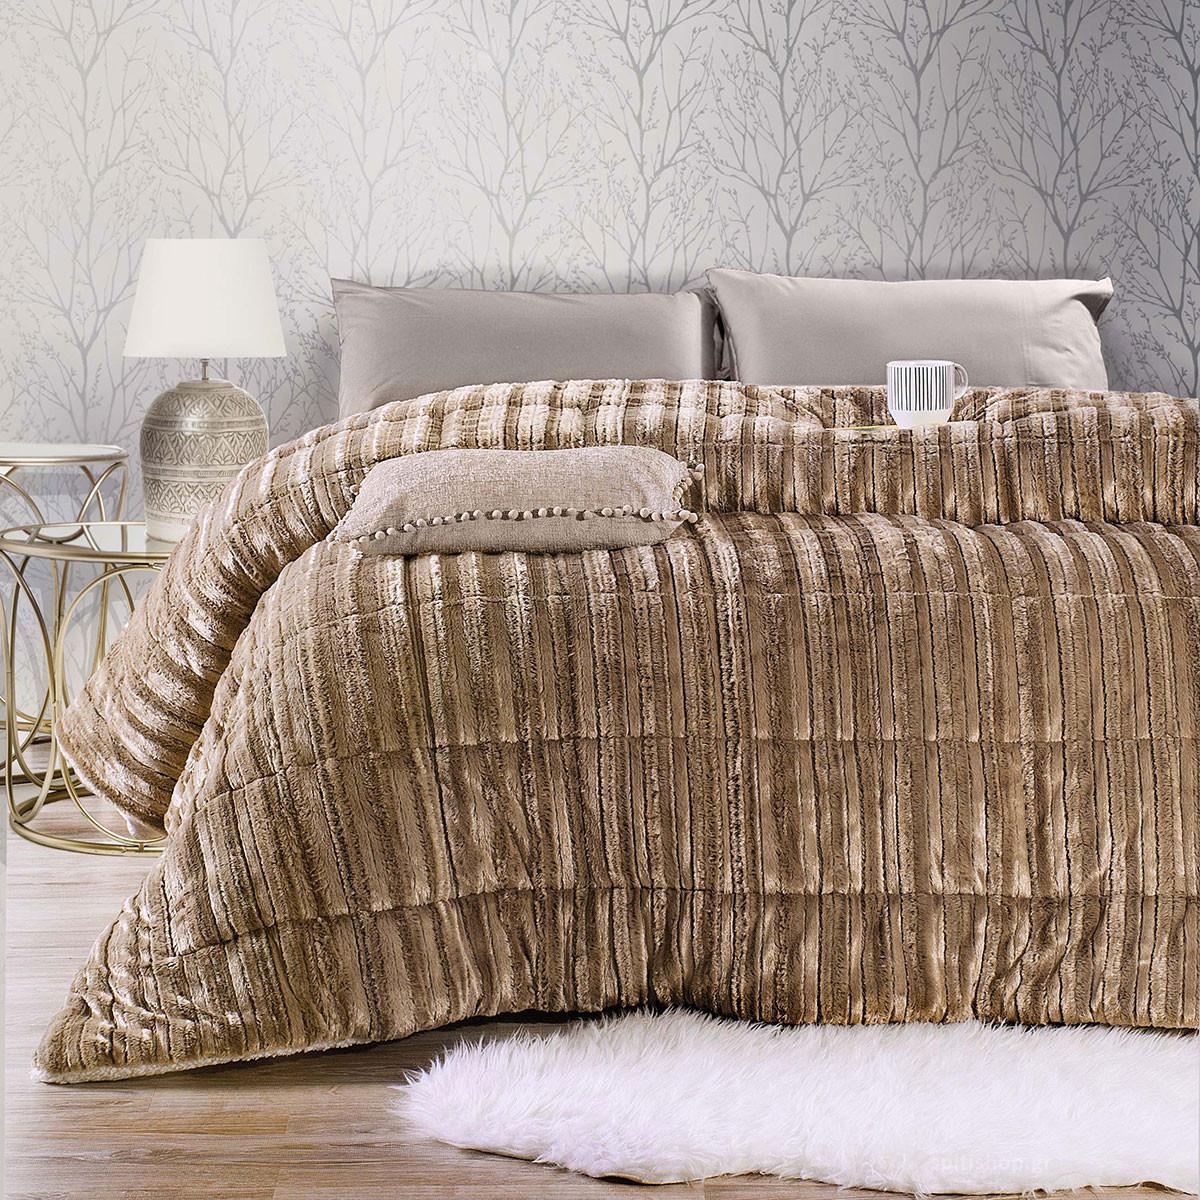 Κουβερτοπάπλωμα Υπέρδιπλο Rythmos Tessa home   κρεβατοκάμαρα   παπλώματα   κουβερτοπαπλώματα